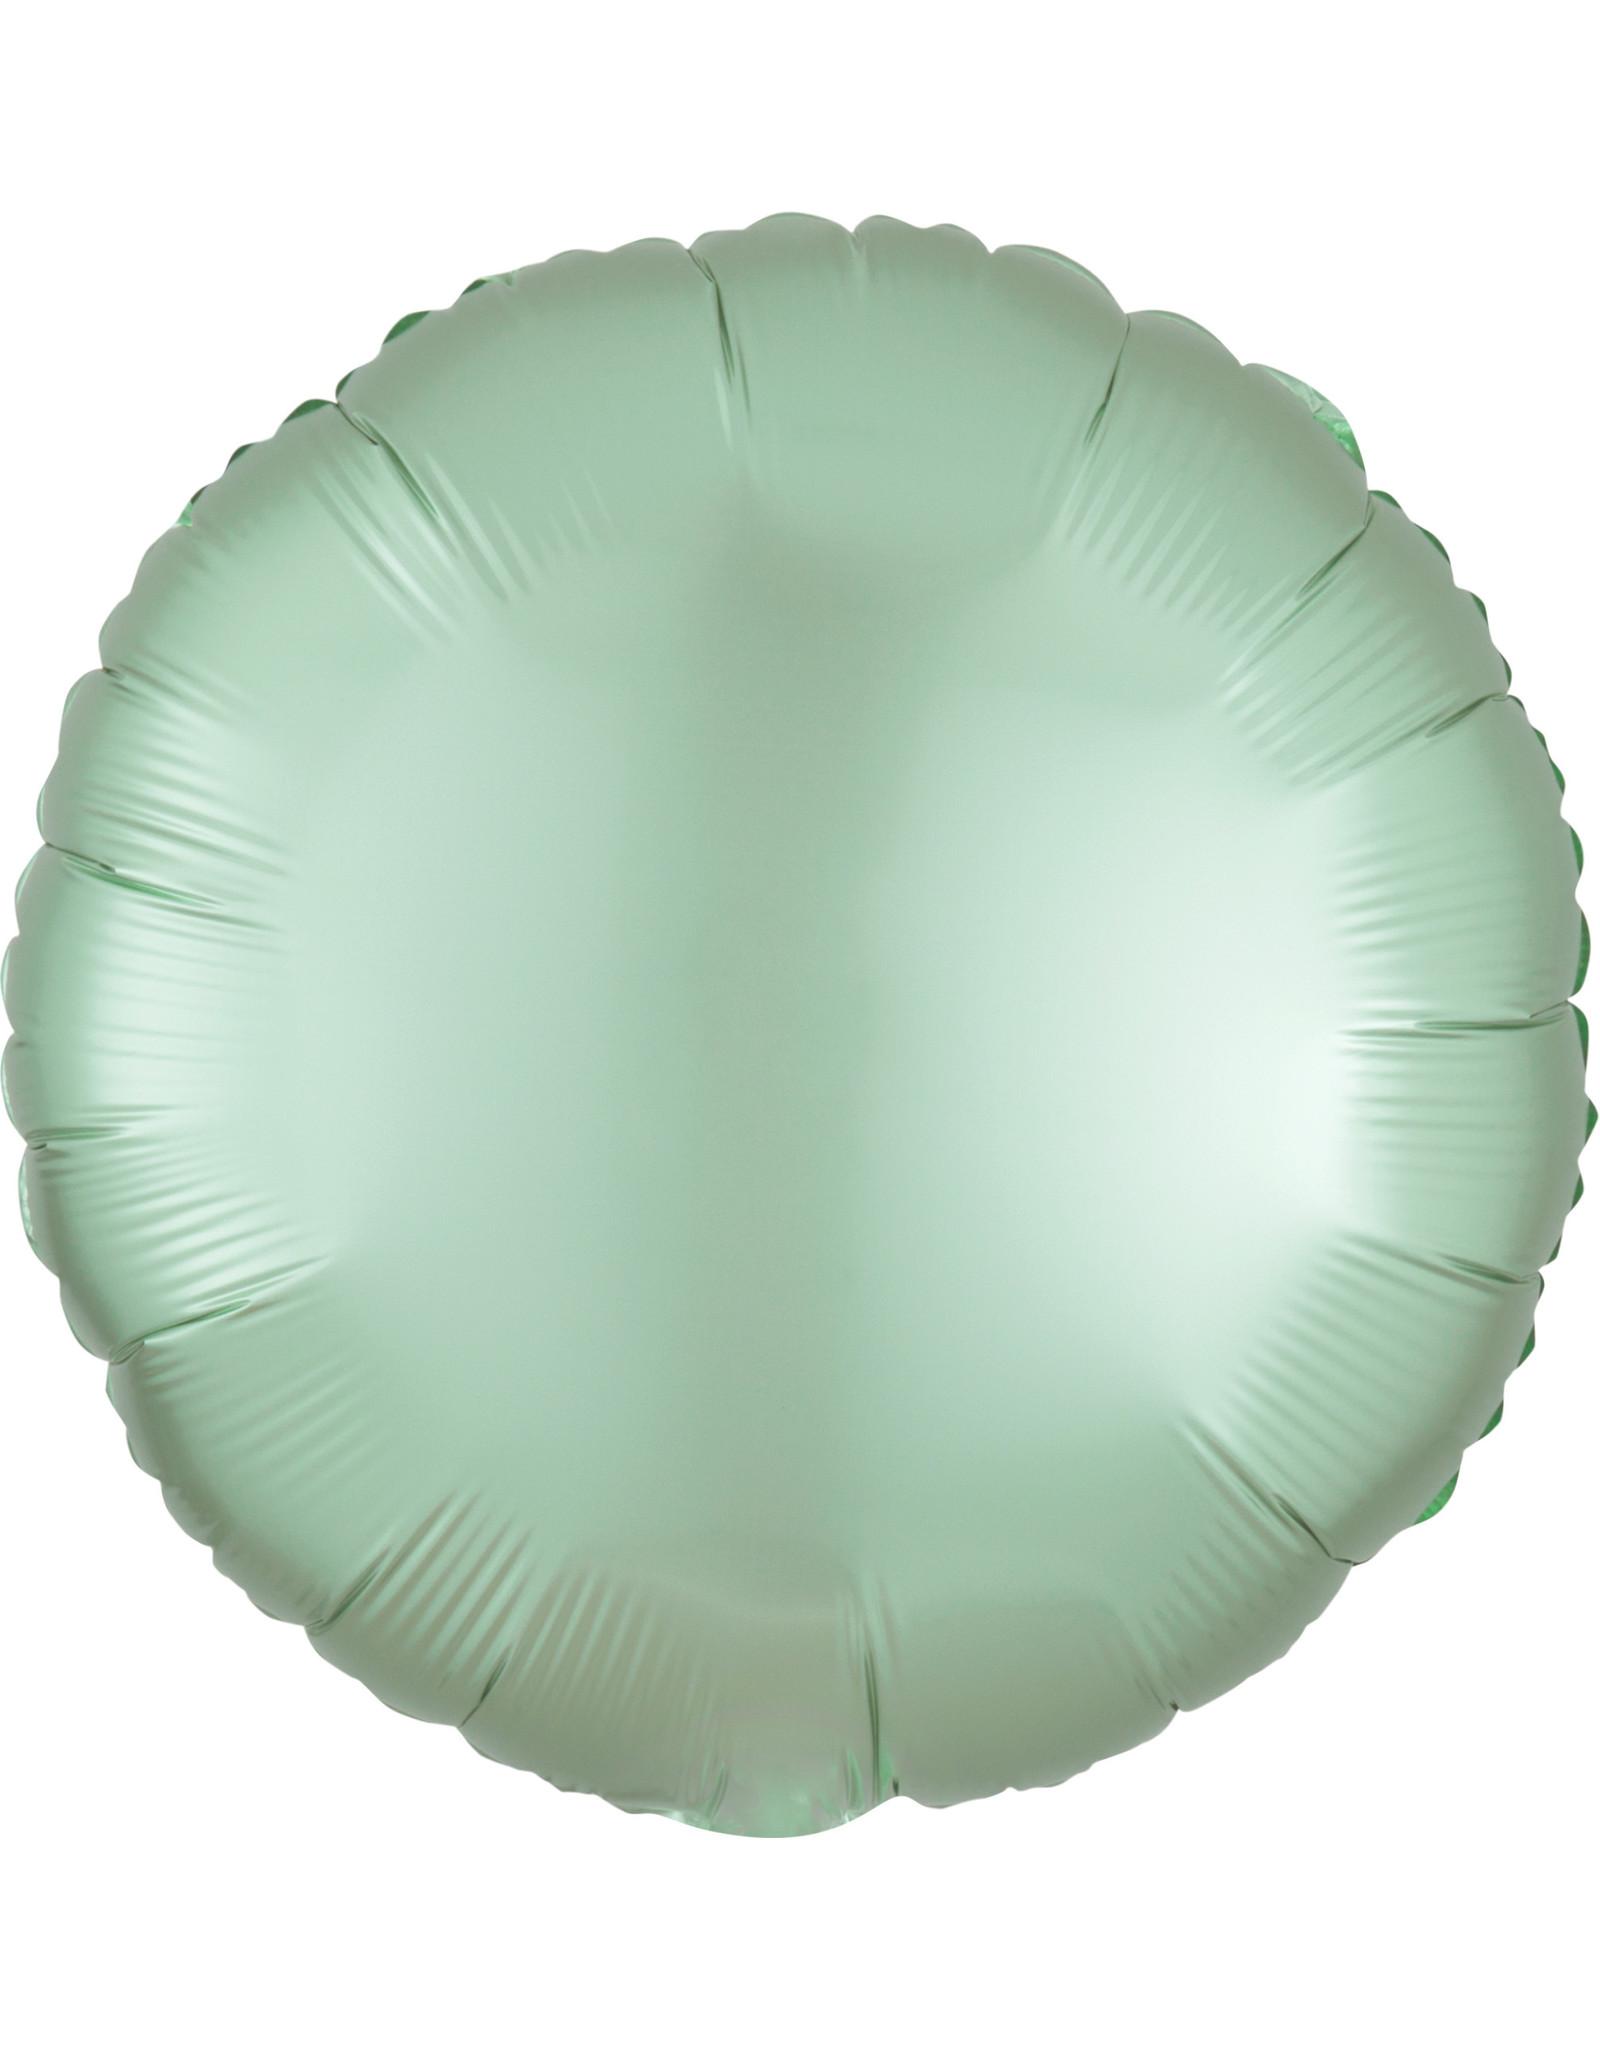 Amscan folieballon mint groen rond 43 cm